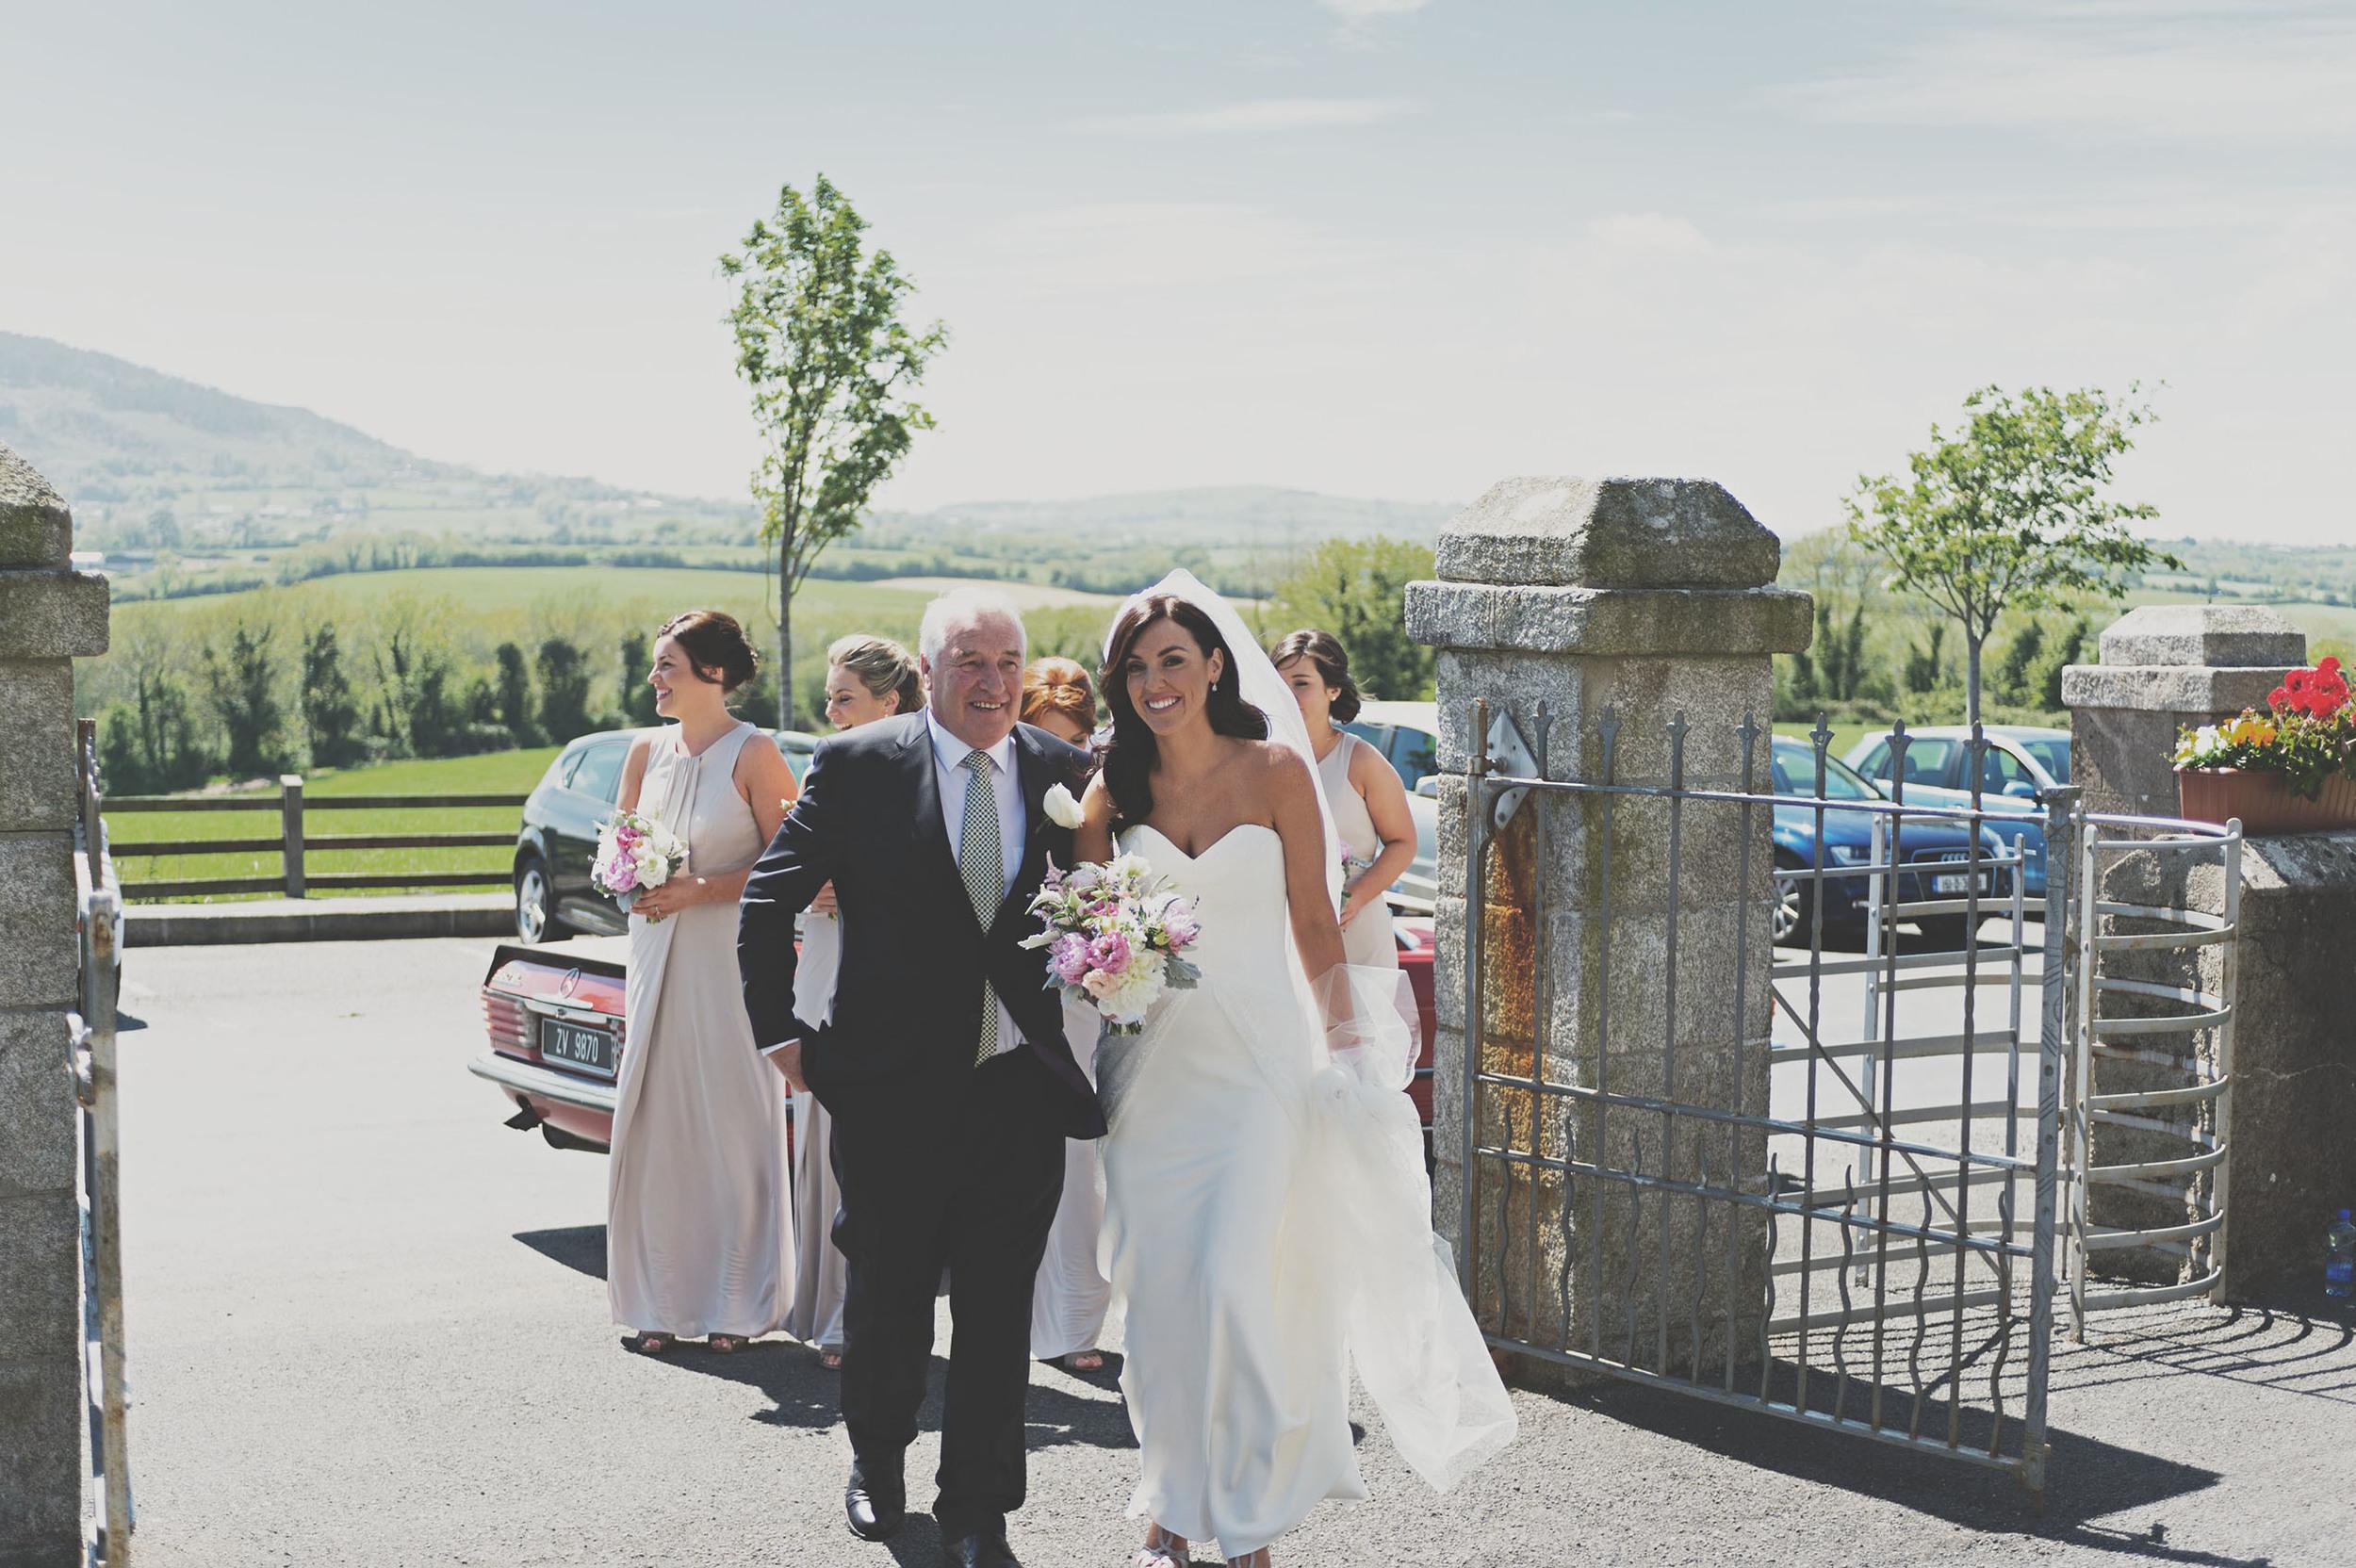 Julie & Matt's Seafield Wedding by Studio33weddings 032.jpg